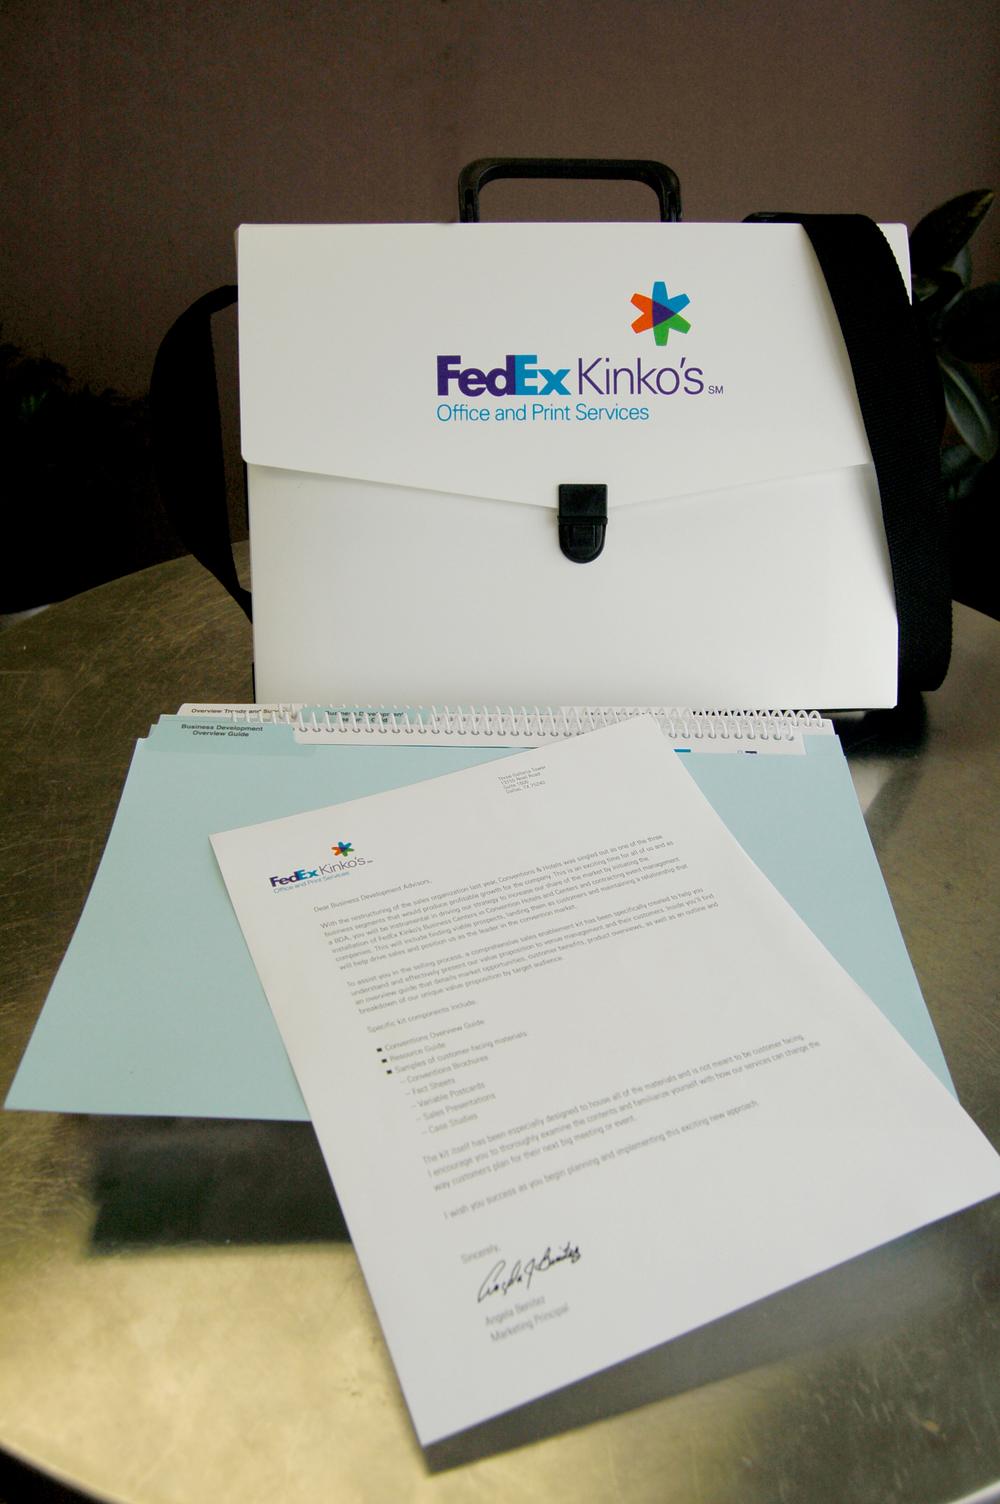 FedExKinkos_BriefcaseKit.jpg